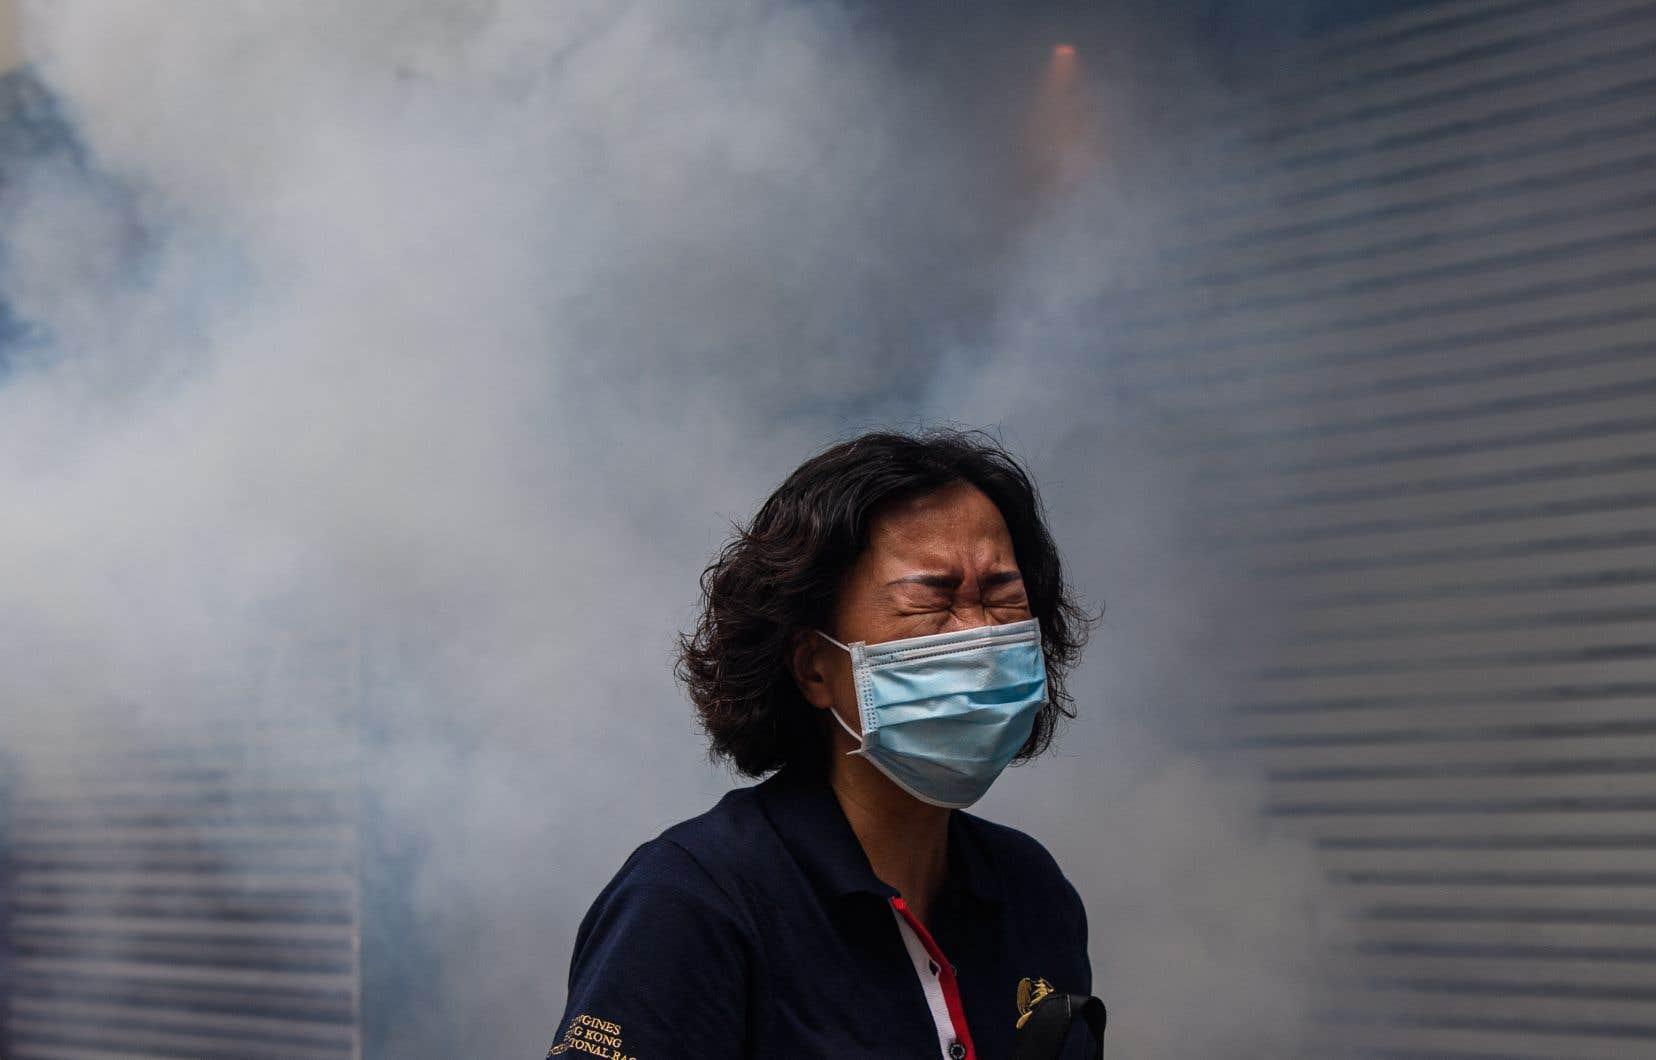 La police a eu recours aux lacrymogènes et aux gaz au poivre pour tenter de disperser la foule.